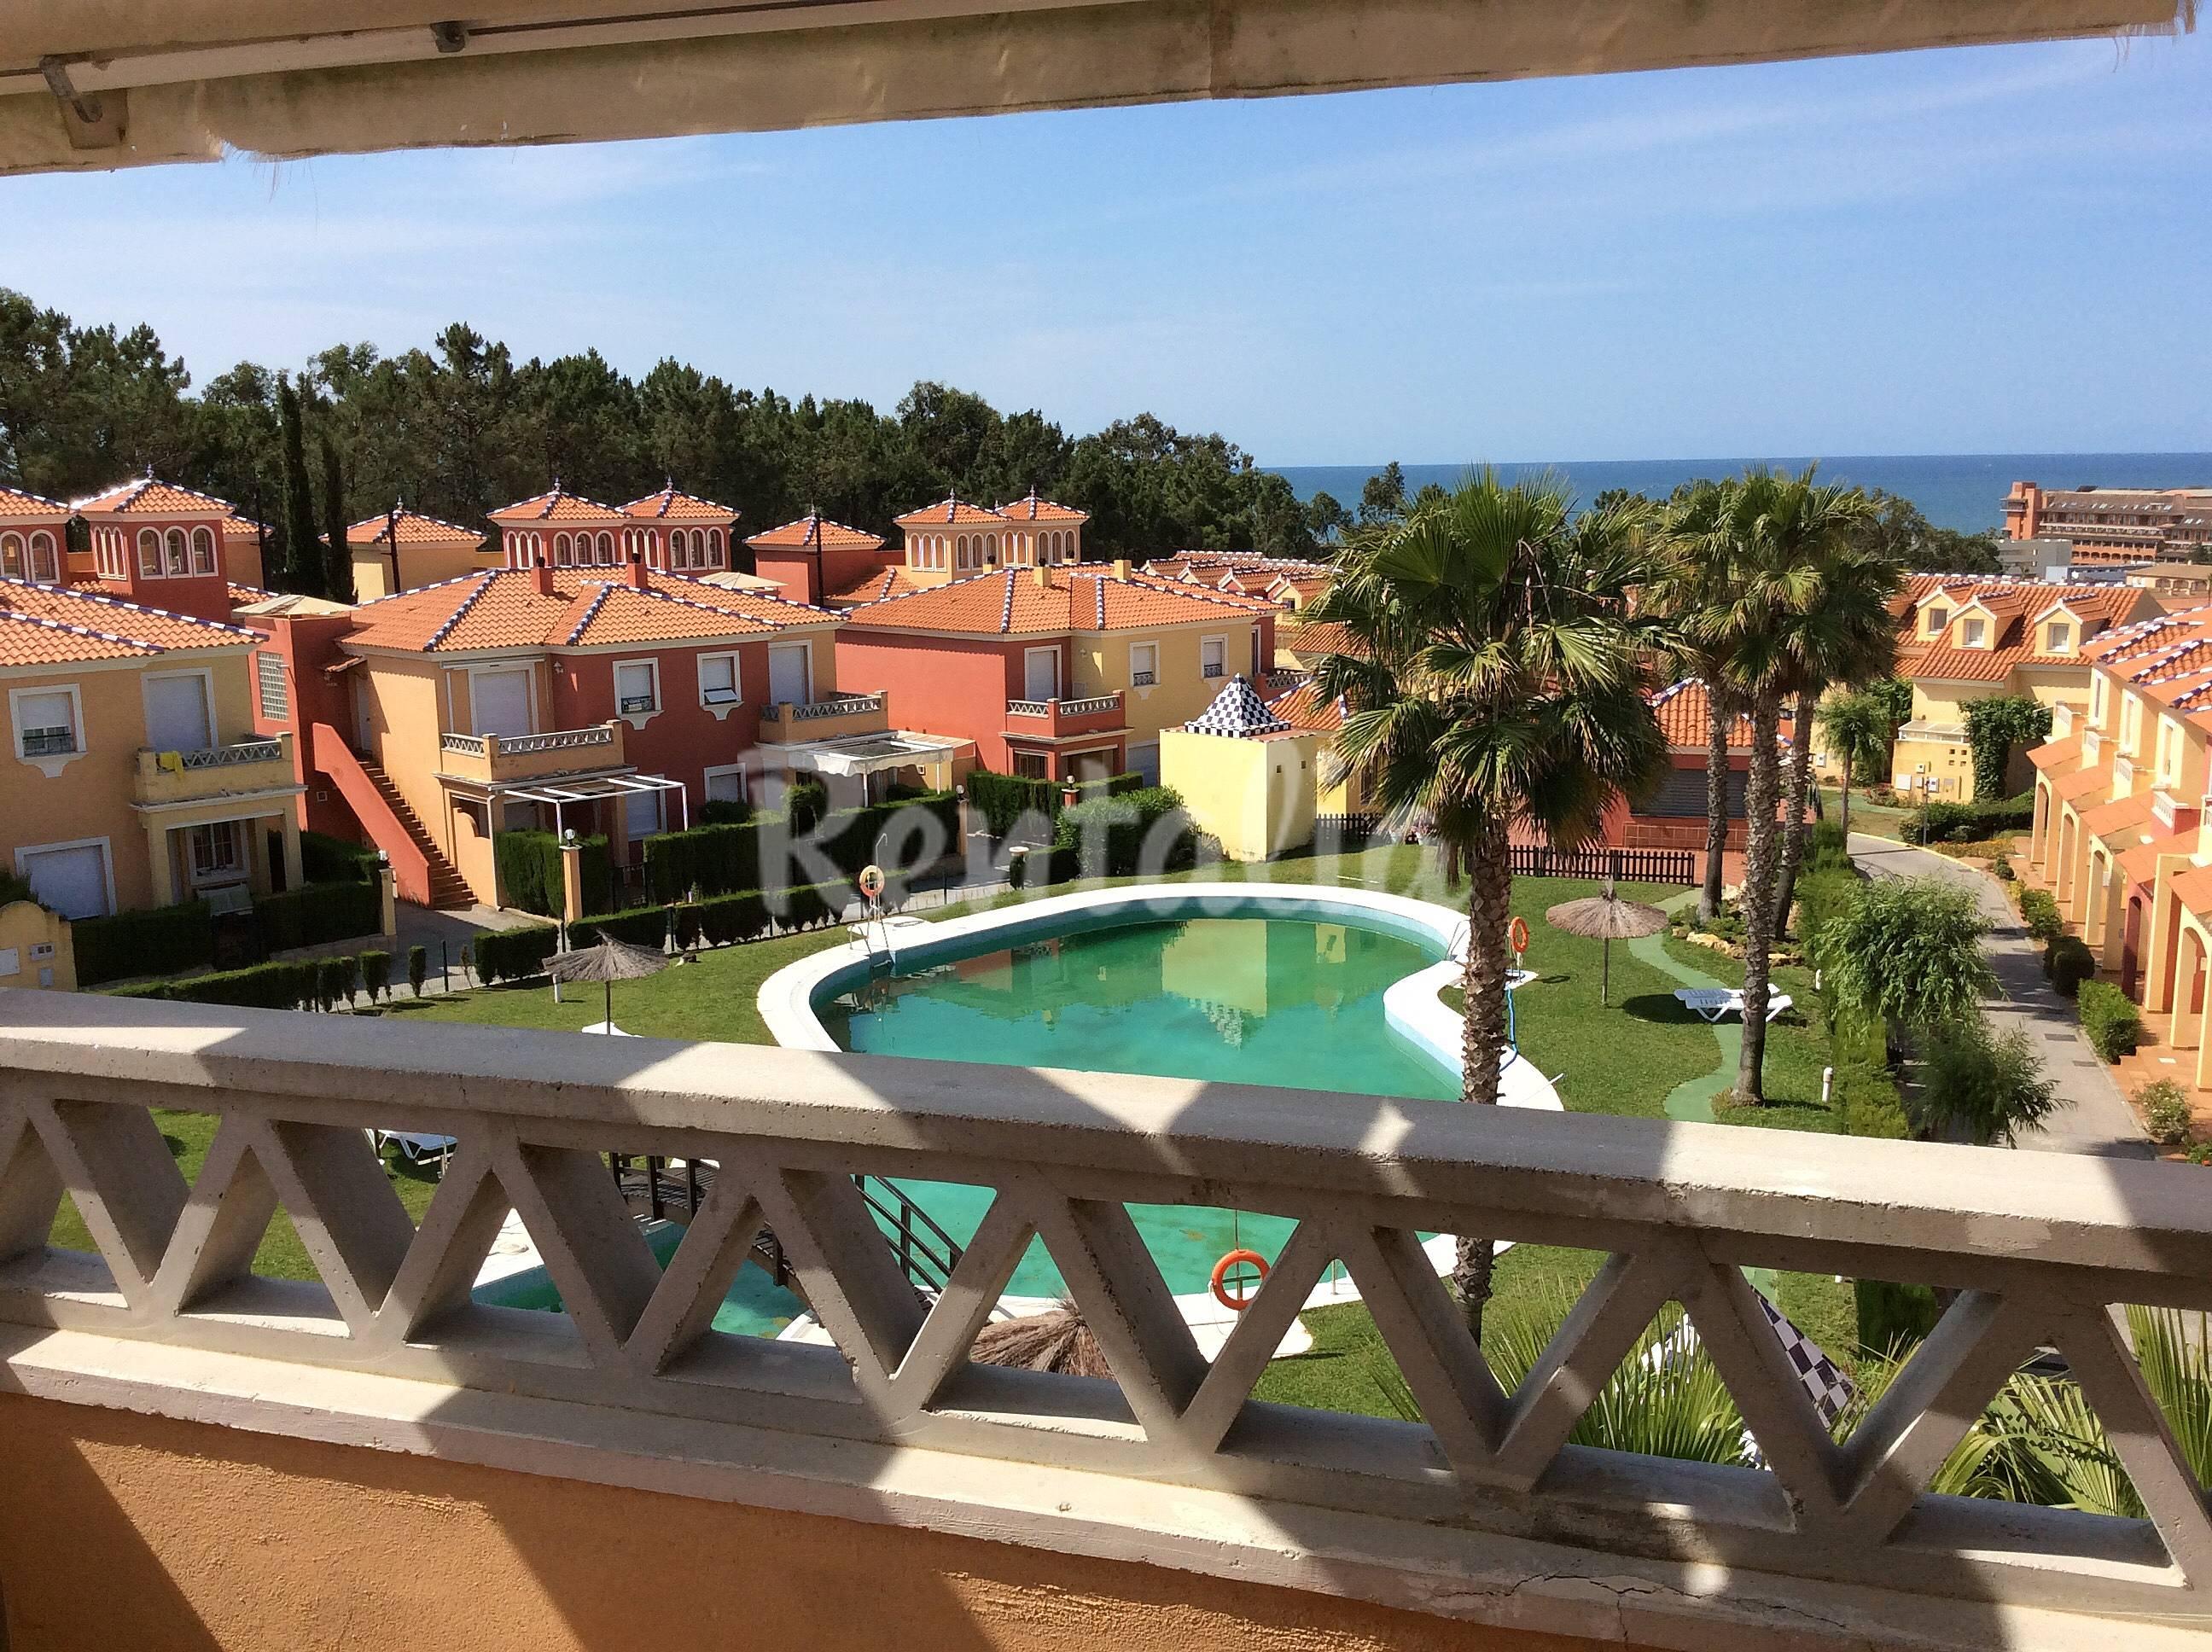 Apartamento en golf vista al mar 800 m de la playa - Rentalia islantilla ...